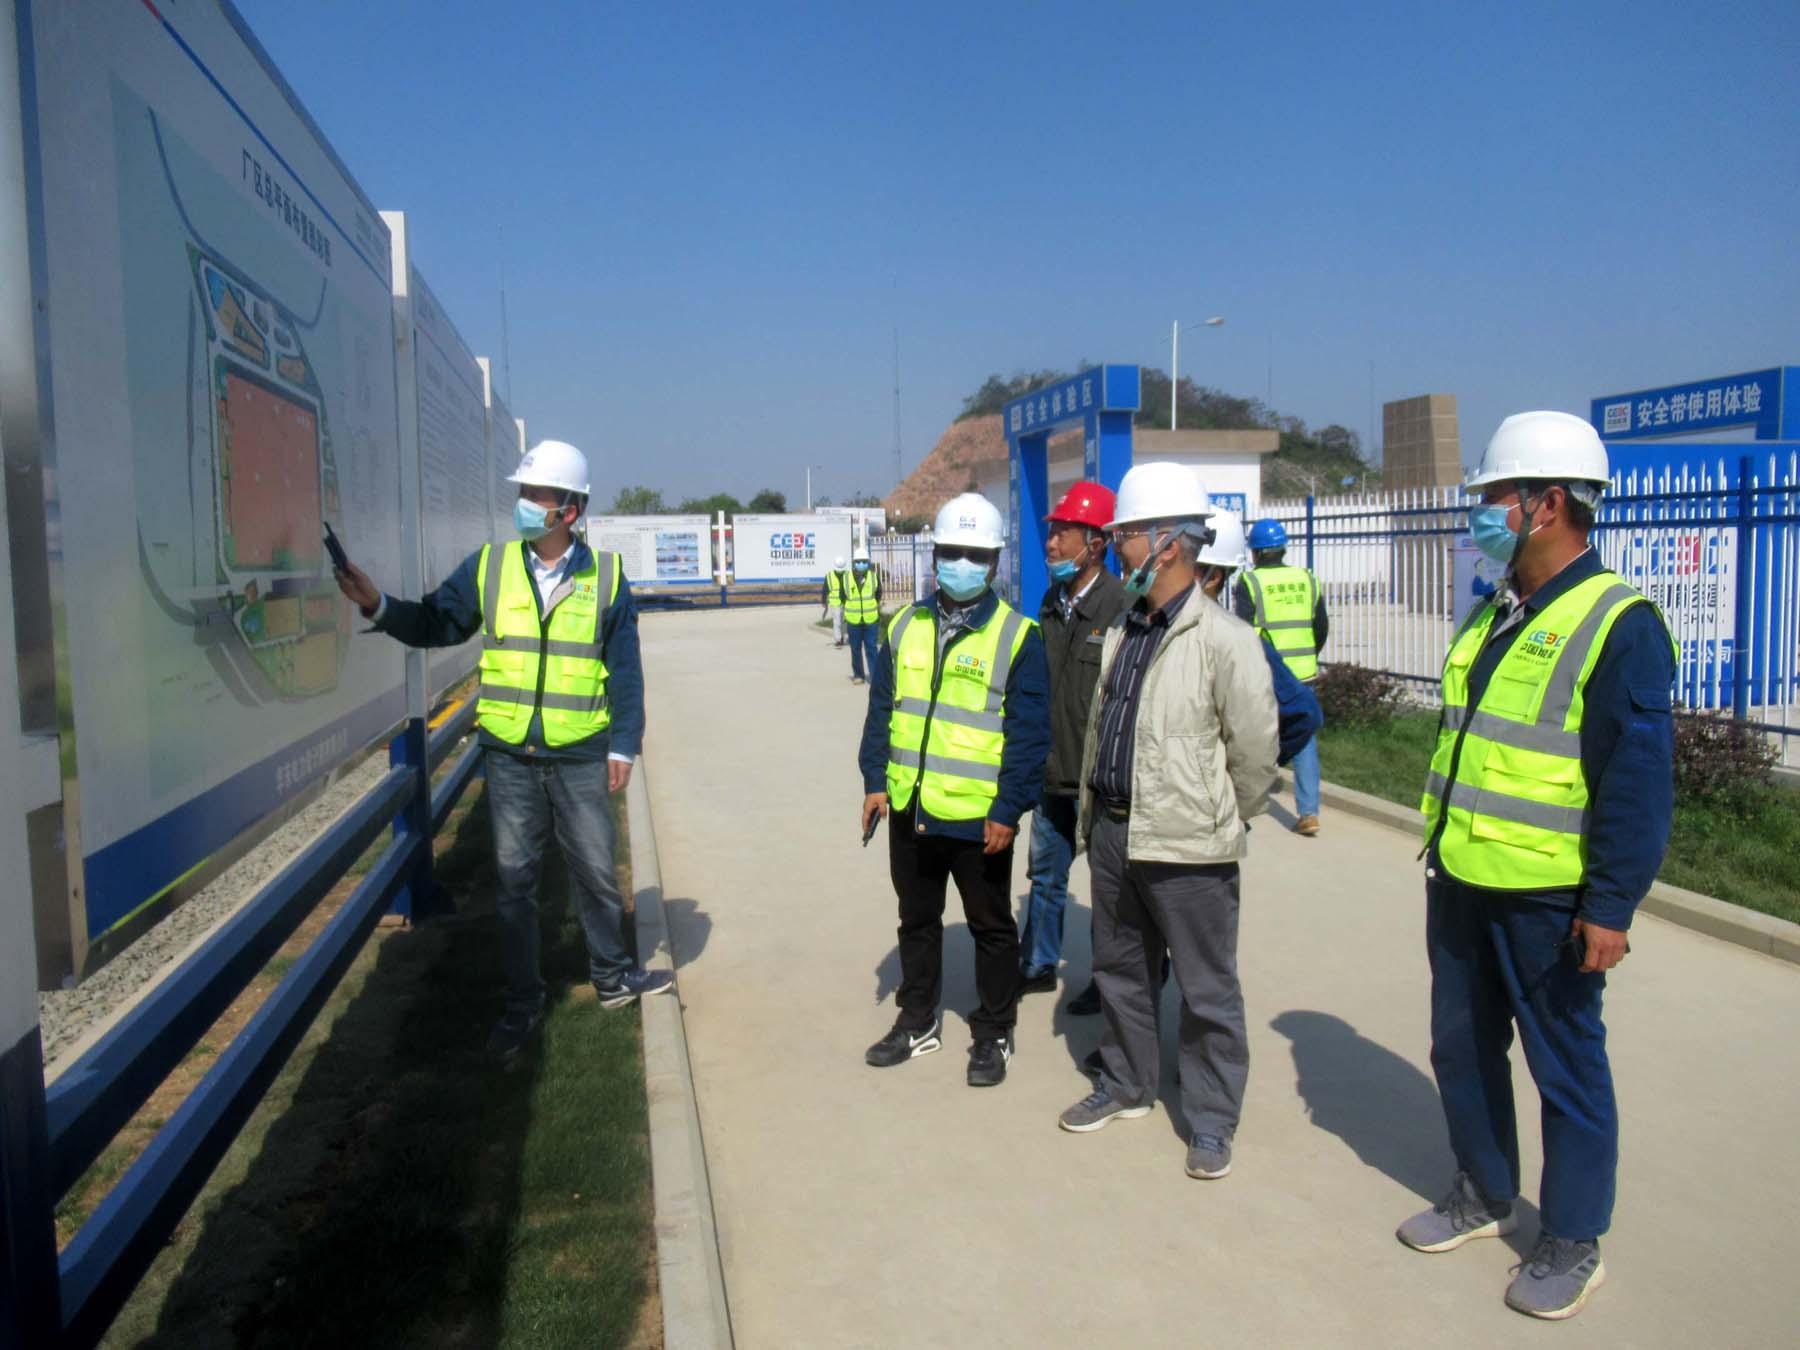 华东建投对中国能建安徽电建一公司龙泉山垃圾电站项目进行春季安全大检查